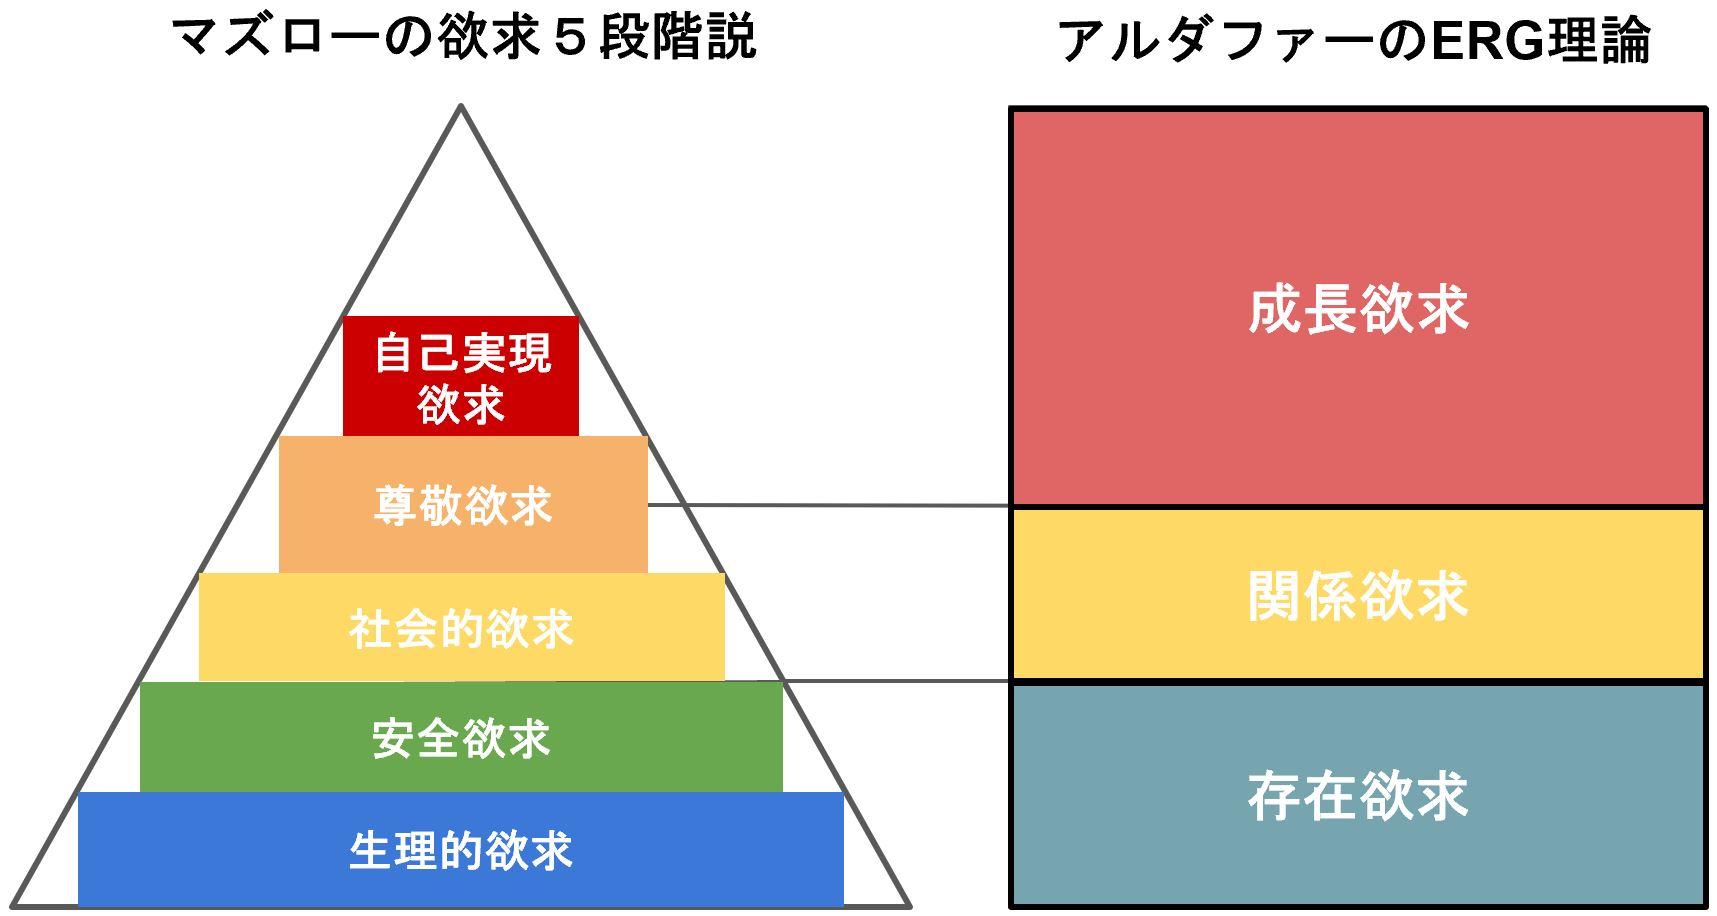 アルダファーのEGR理論とマズローの欲求5段階説の比較説明